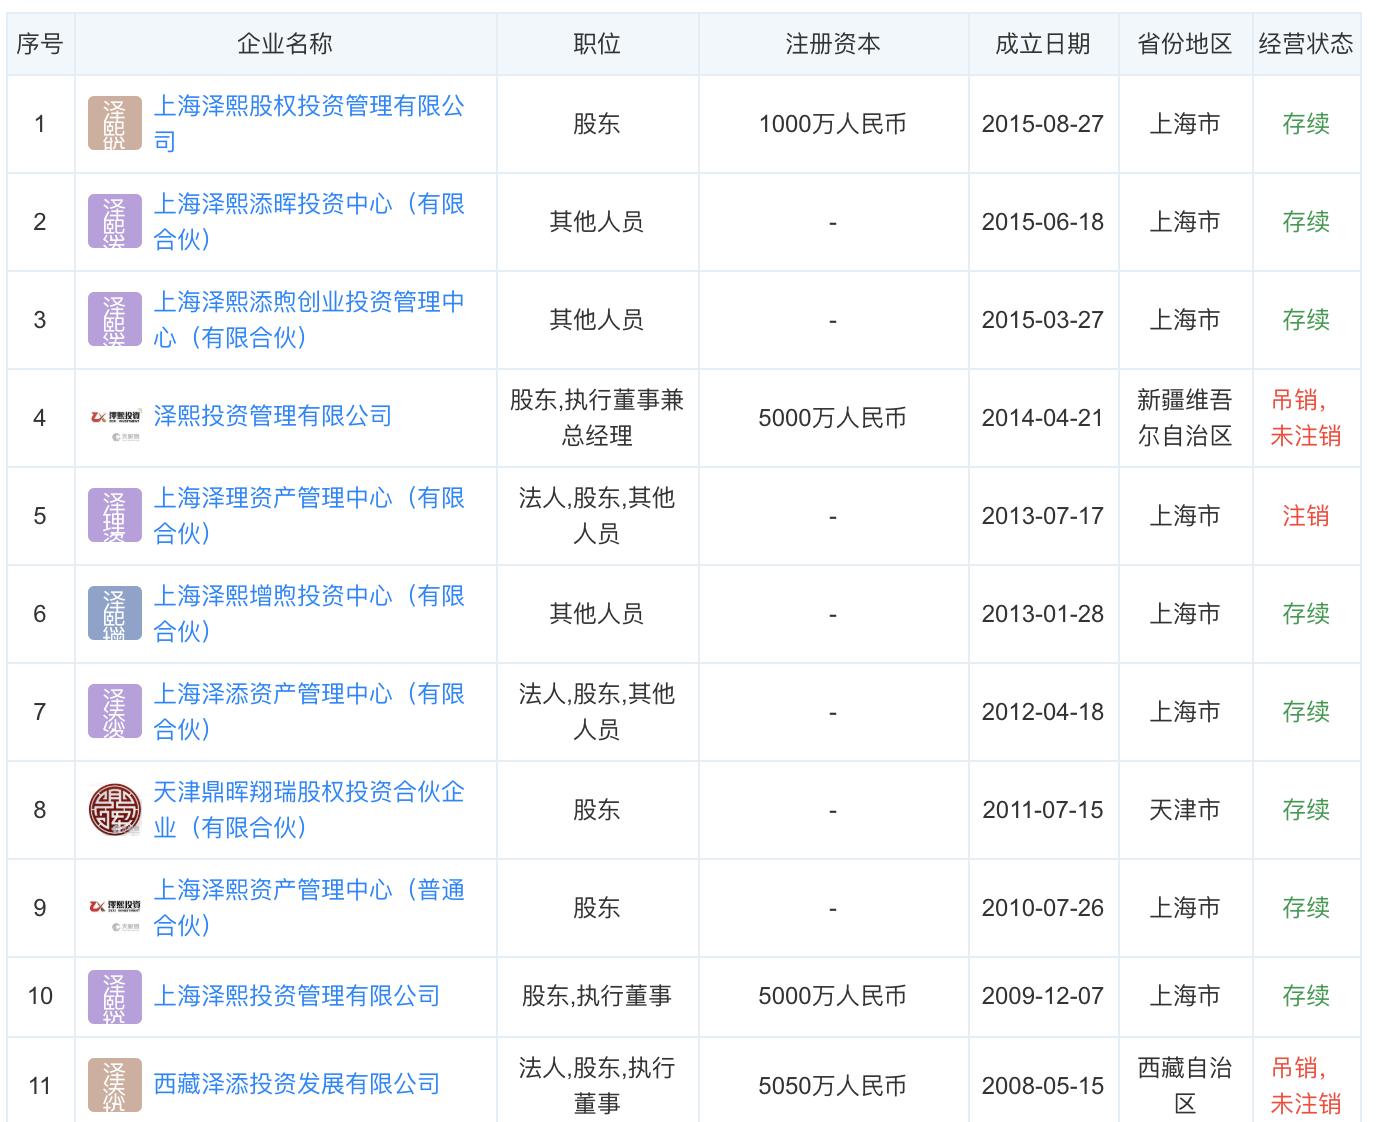 私募大佬徐翔入狱2年 妻子:他没消沉在监狱也看书